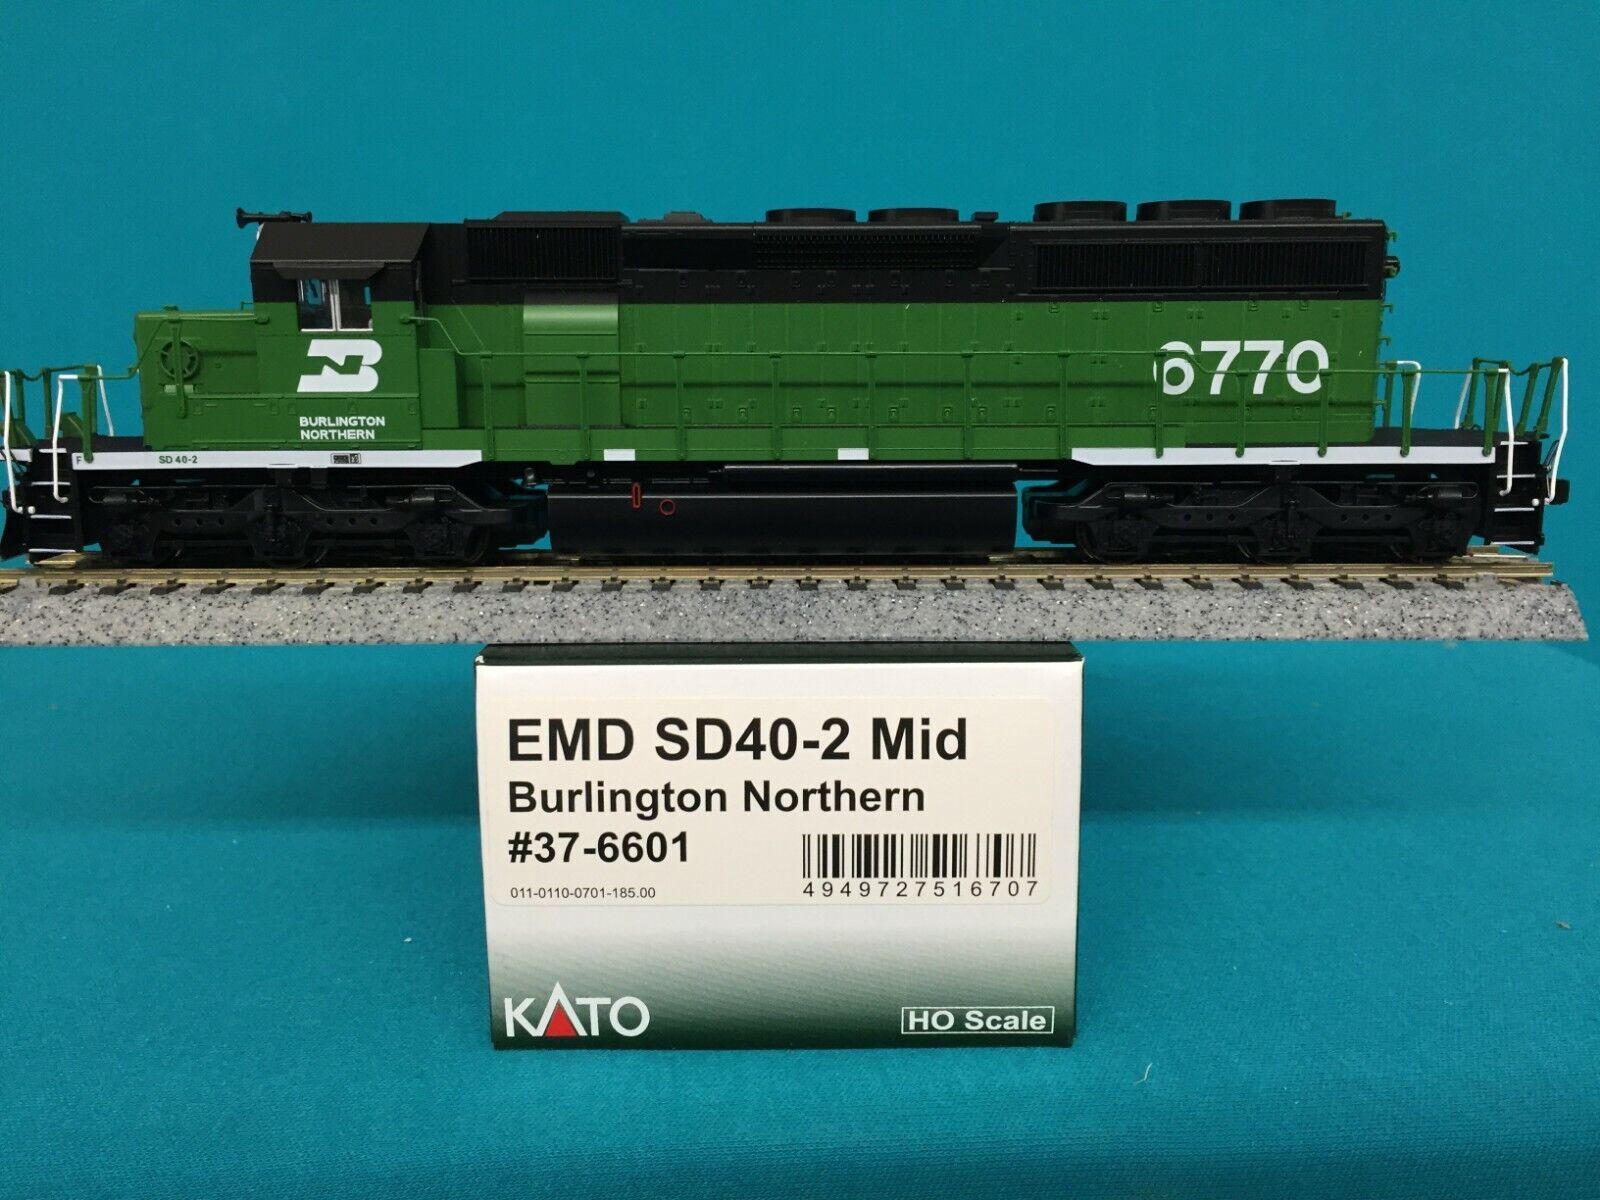 Motor Kato Harrington North Ho sd40 - 2 BM mediano 37 - 2807